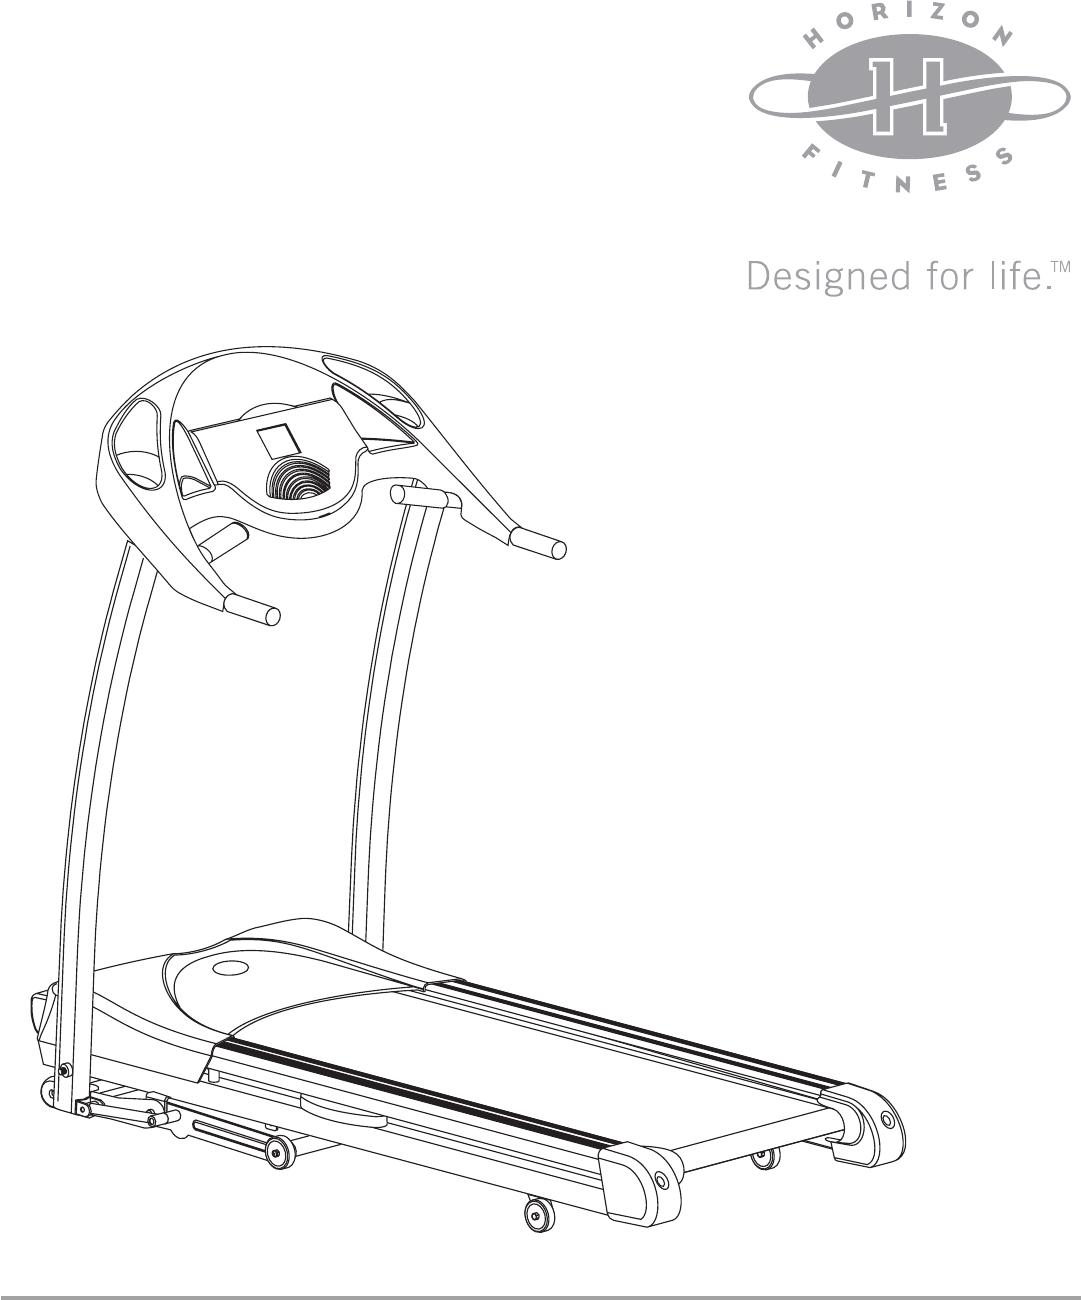 Horizon Fitness T51 Treadmill Manual